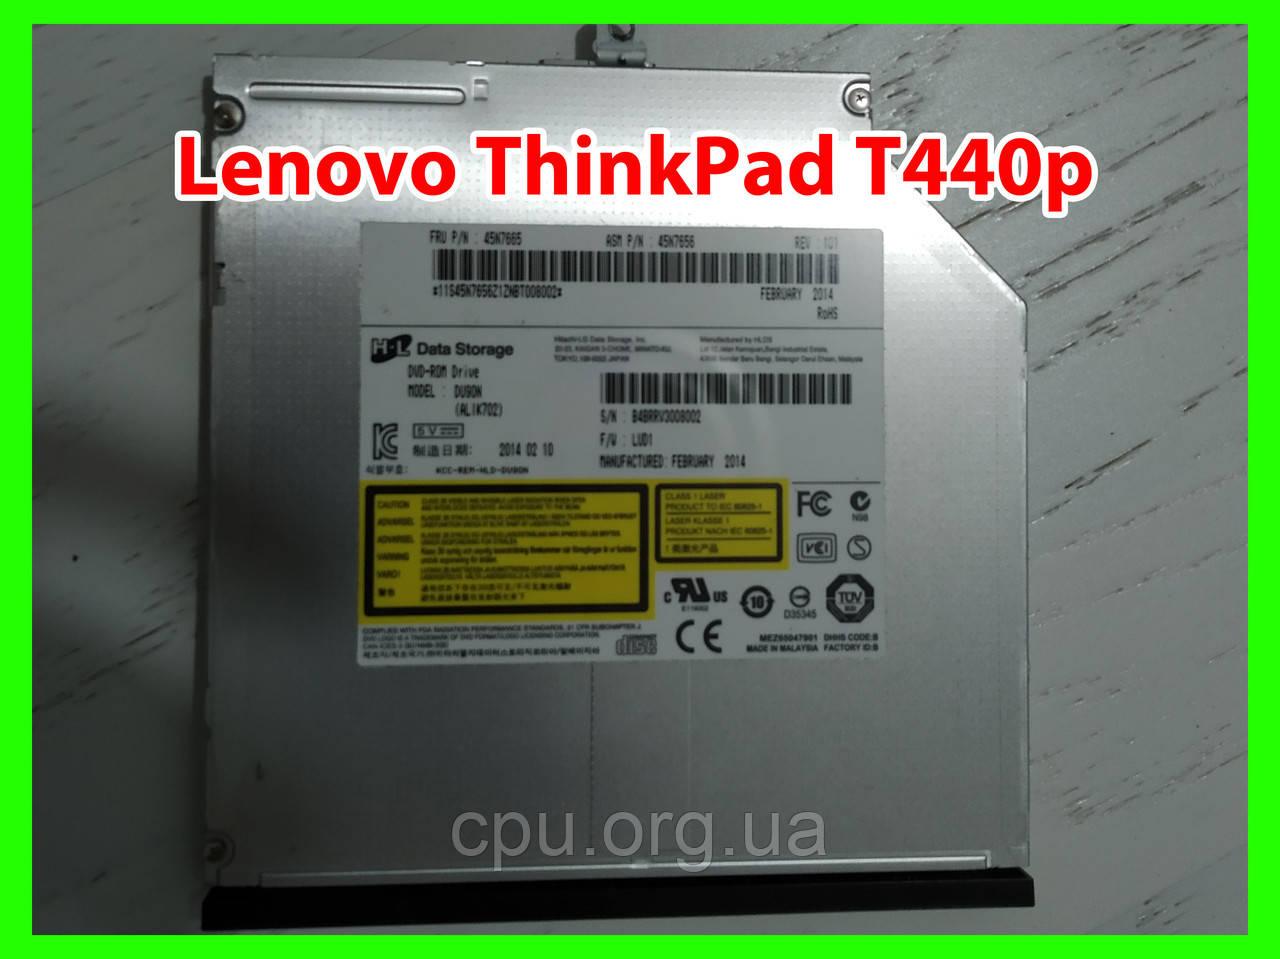 DVD привод Lenovo ThinkPad T440p